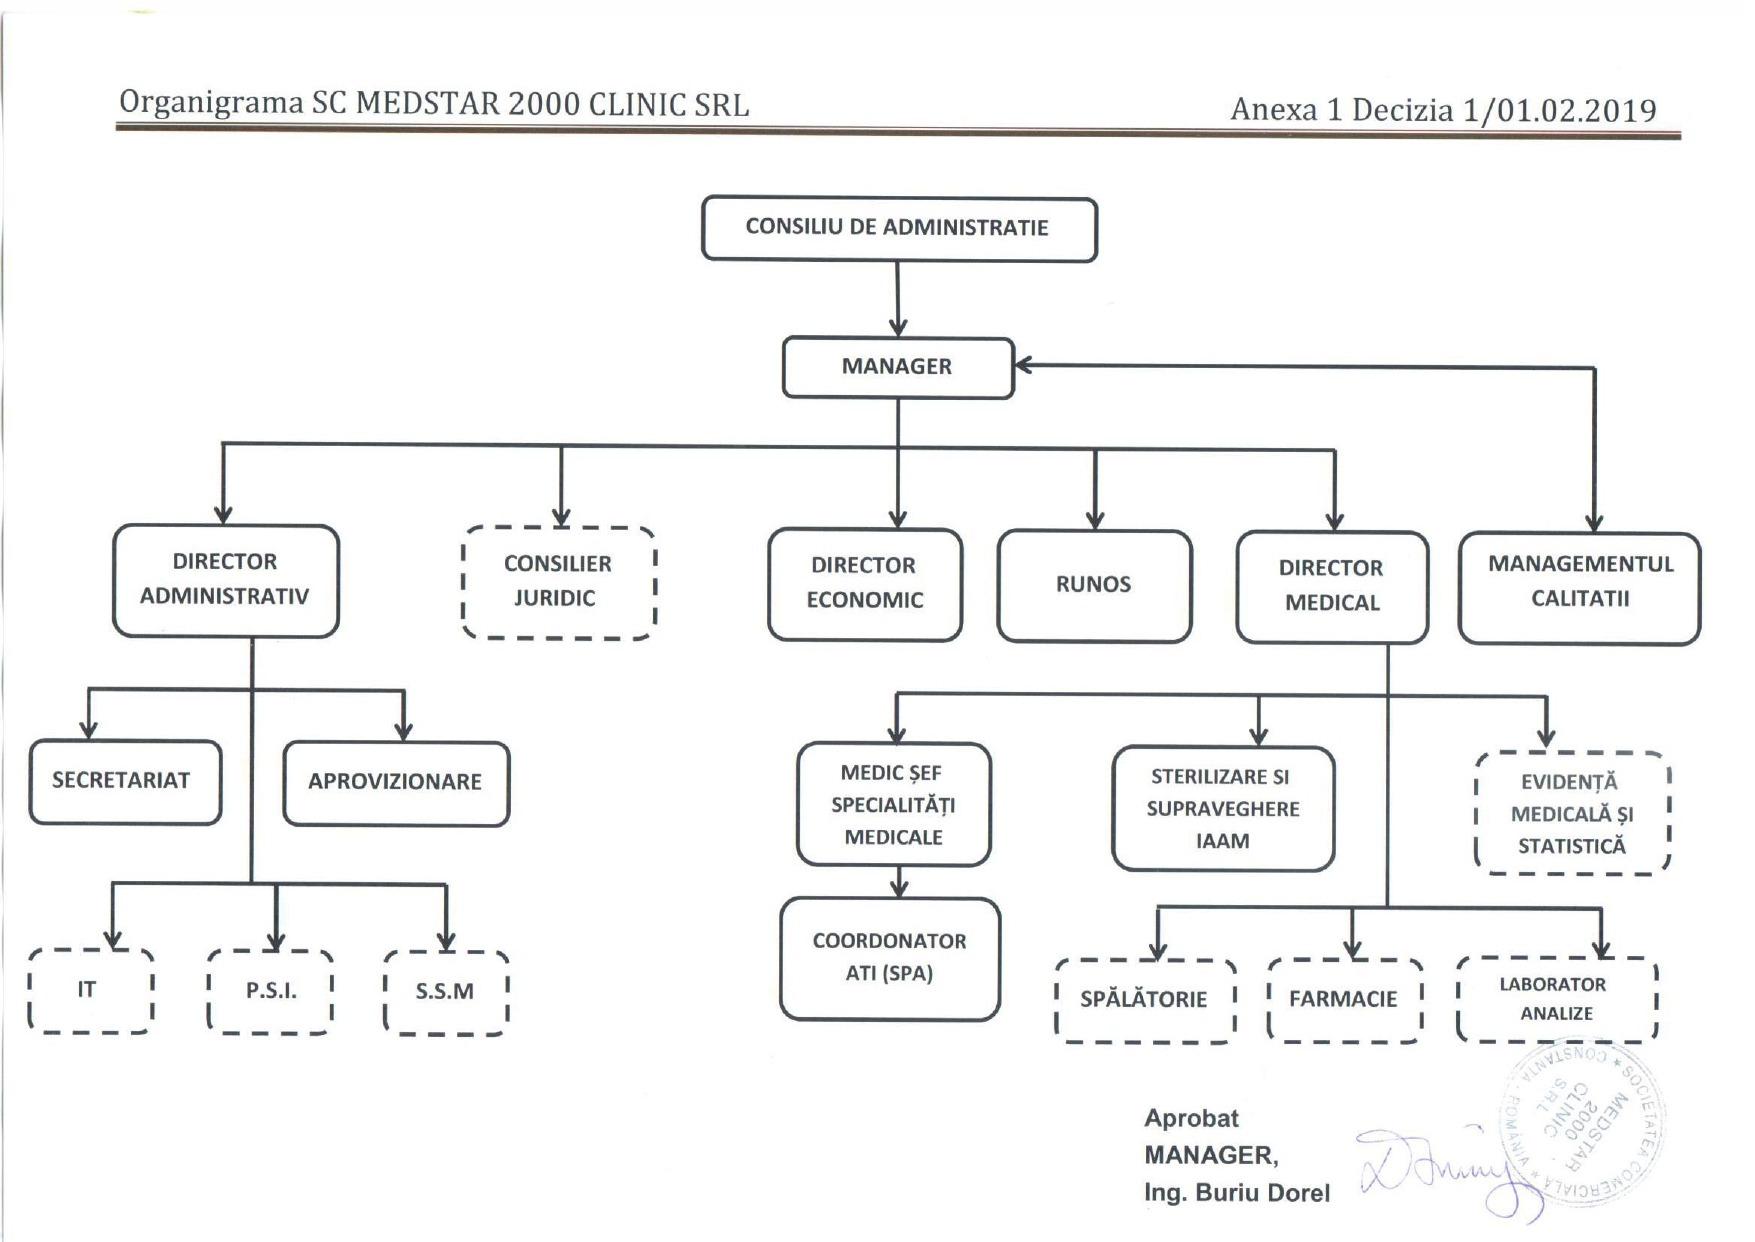 http://www.medstar2000.ro/wp-content/uploads/2019/04/Organigrama-Medstar-2000-Clinic.jpg